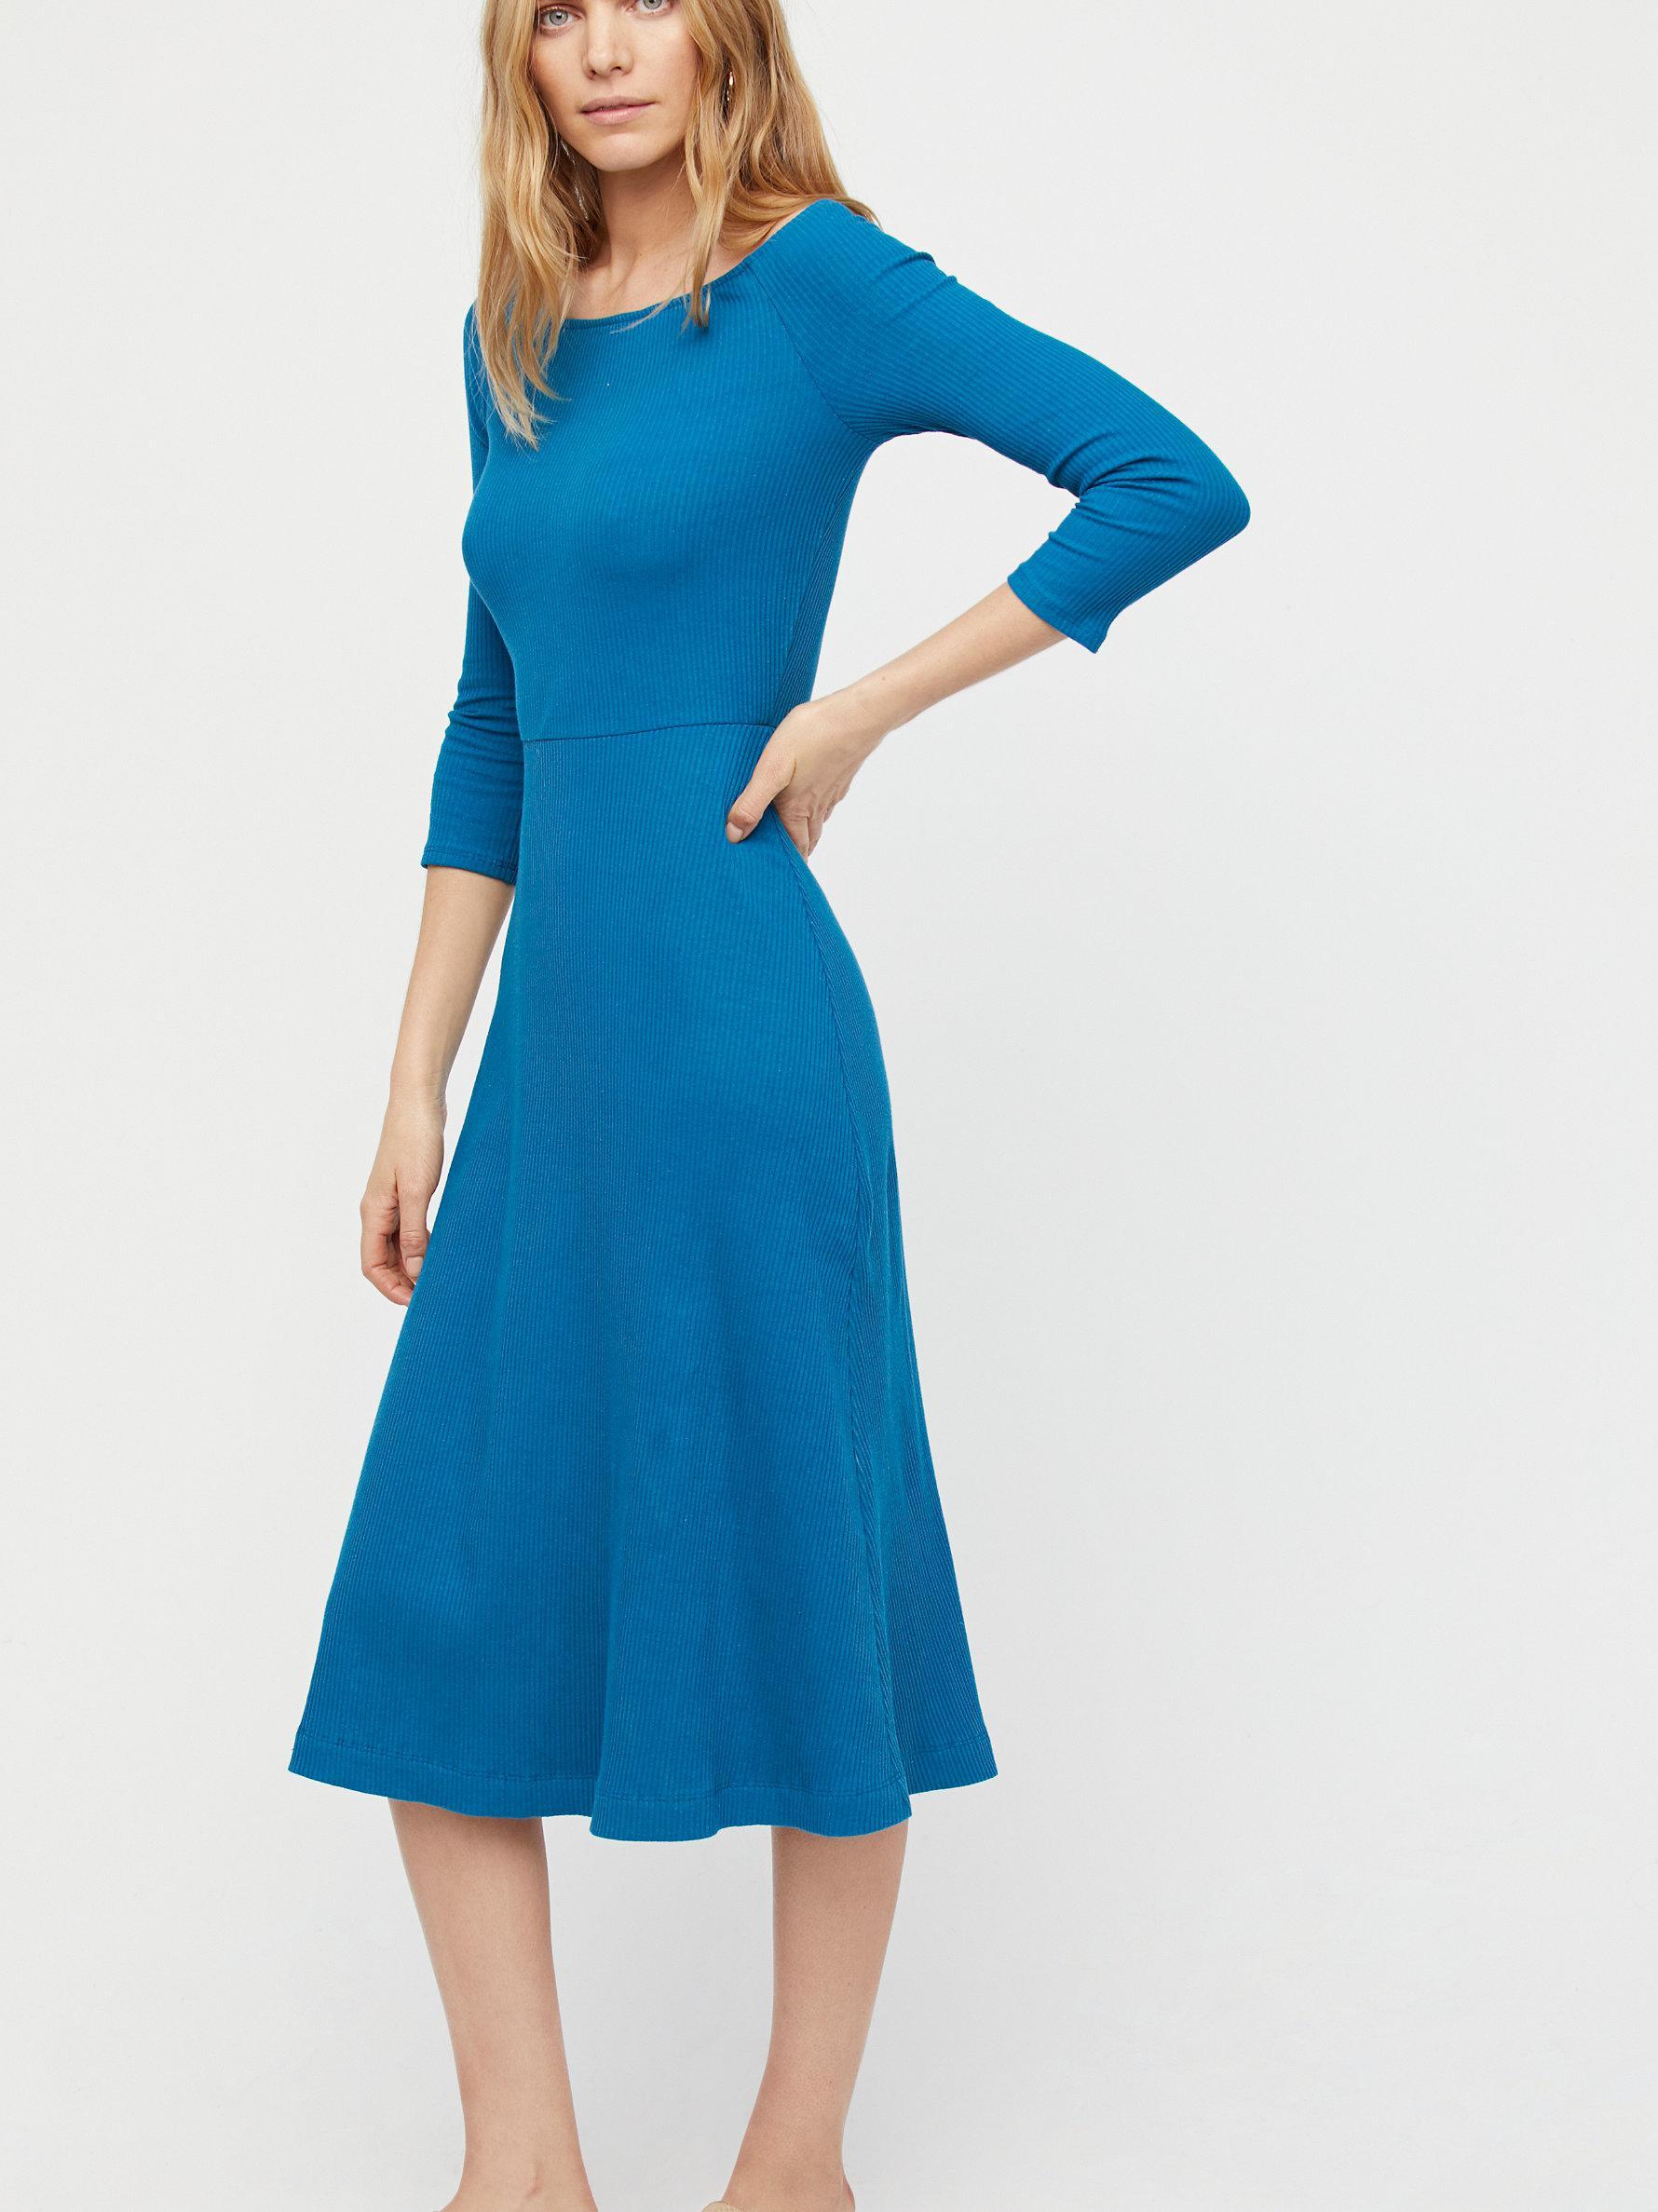 3dbc0eae82 Free People Anywhere Midi Dress in Blue - Lyst